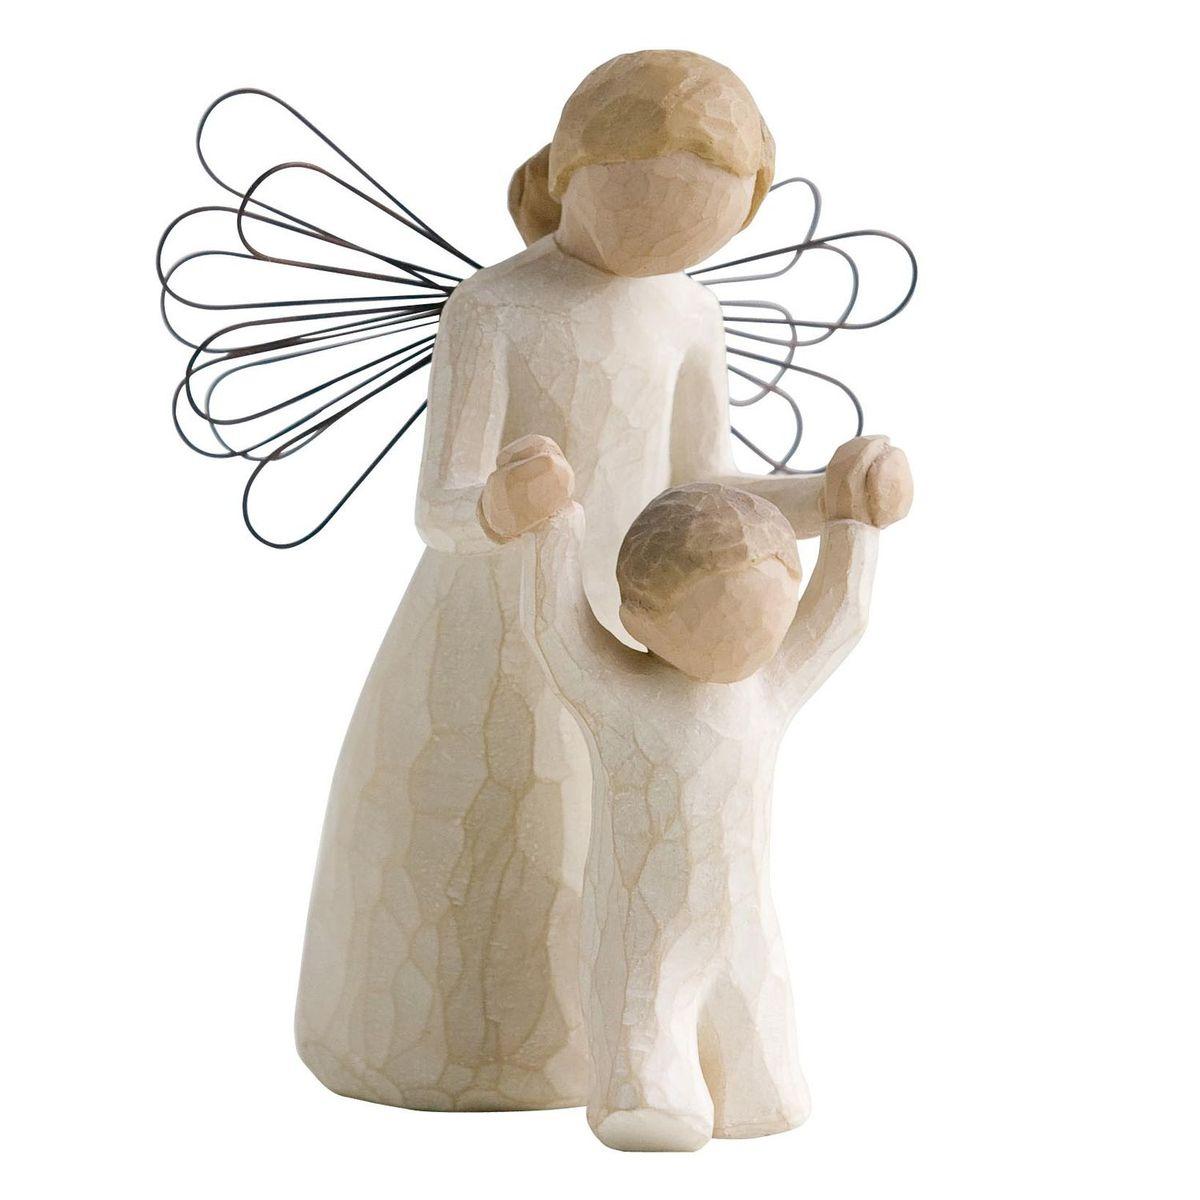 Фигурка декоративная Willow Tree Ангел-хранитель, высота 13 смNLED-420-1.5W-RДекоративная фигурка Willow Tree создана канадским скульптором Сьюзан Лорди. Фигурка выполнена из искусственного камня (49% карбонат кальция мелкозернистой разновидности, 51% искусственный камень).Фигурка Willow Tree – это настоящее произведение искусства, образная скульптура в миниатюре, изображающая эмоции и чувства, которые помогают чувствовать себя ближе к другим, верить в мечту, выражать любовь.Фигурка помещена в красивую упаковку.Купить такой оригинальный подарок, значит не только украсить интерьер помещения или жилой комнаты, но выразить свое глубокое отношение к любимому человеку. Этот прекрасный сувенир будет лучшим подарком на день ангела, именины, день рождения, юбилей.